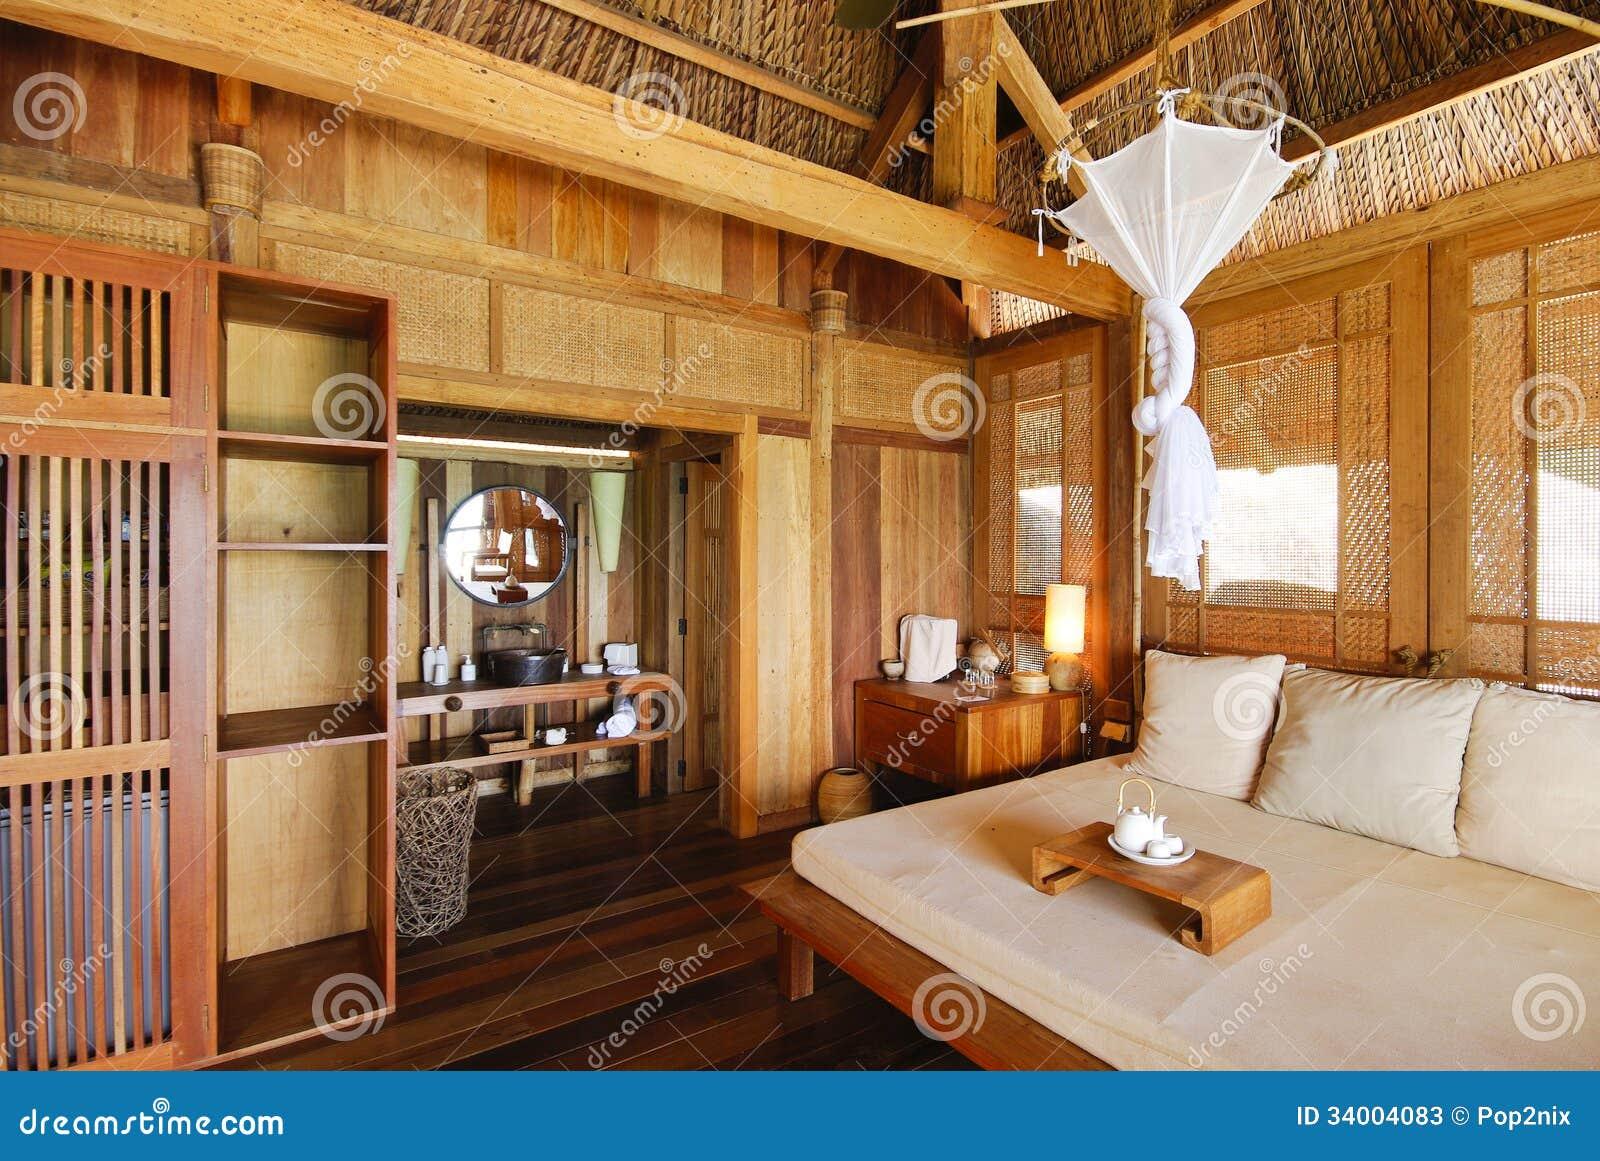 Interno di una casa di legno immagine stock immagine di for Interno di una casa